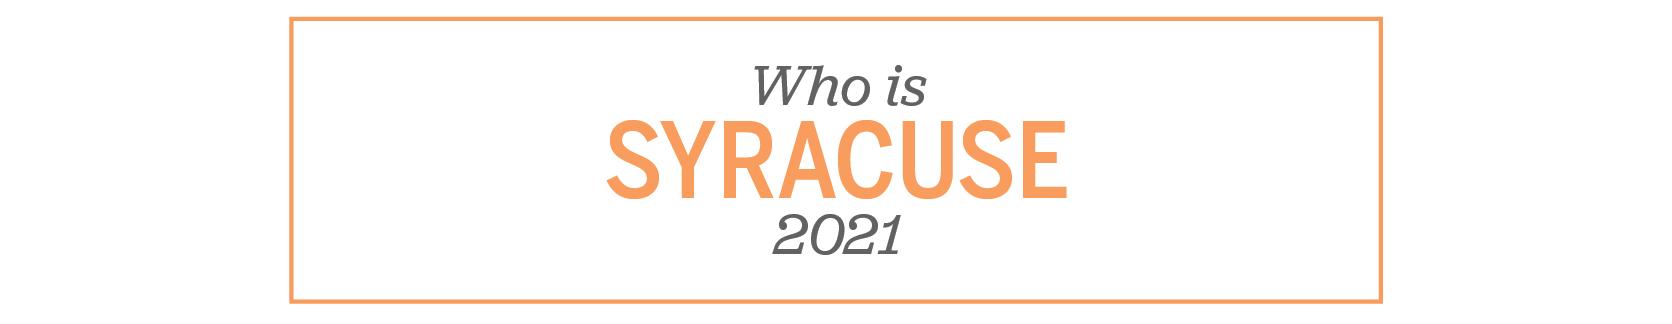 qui-est-syracuse-2021-01